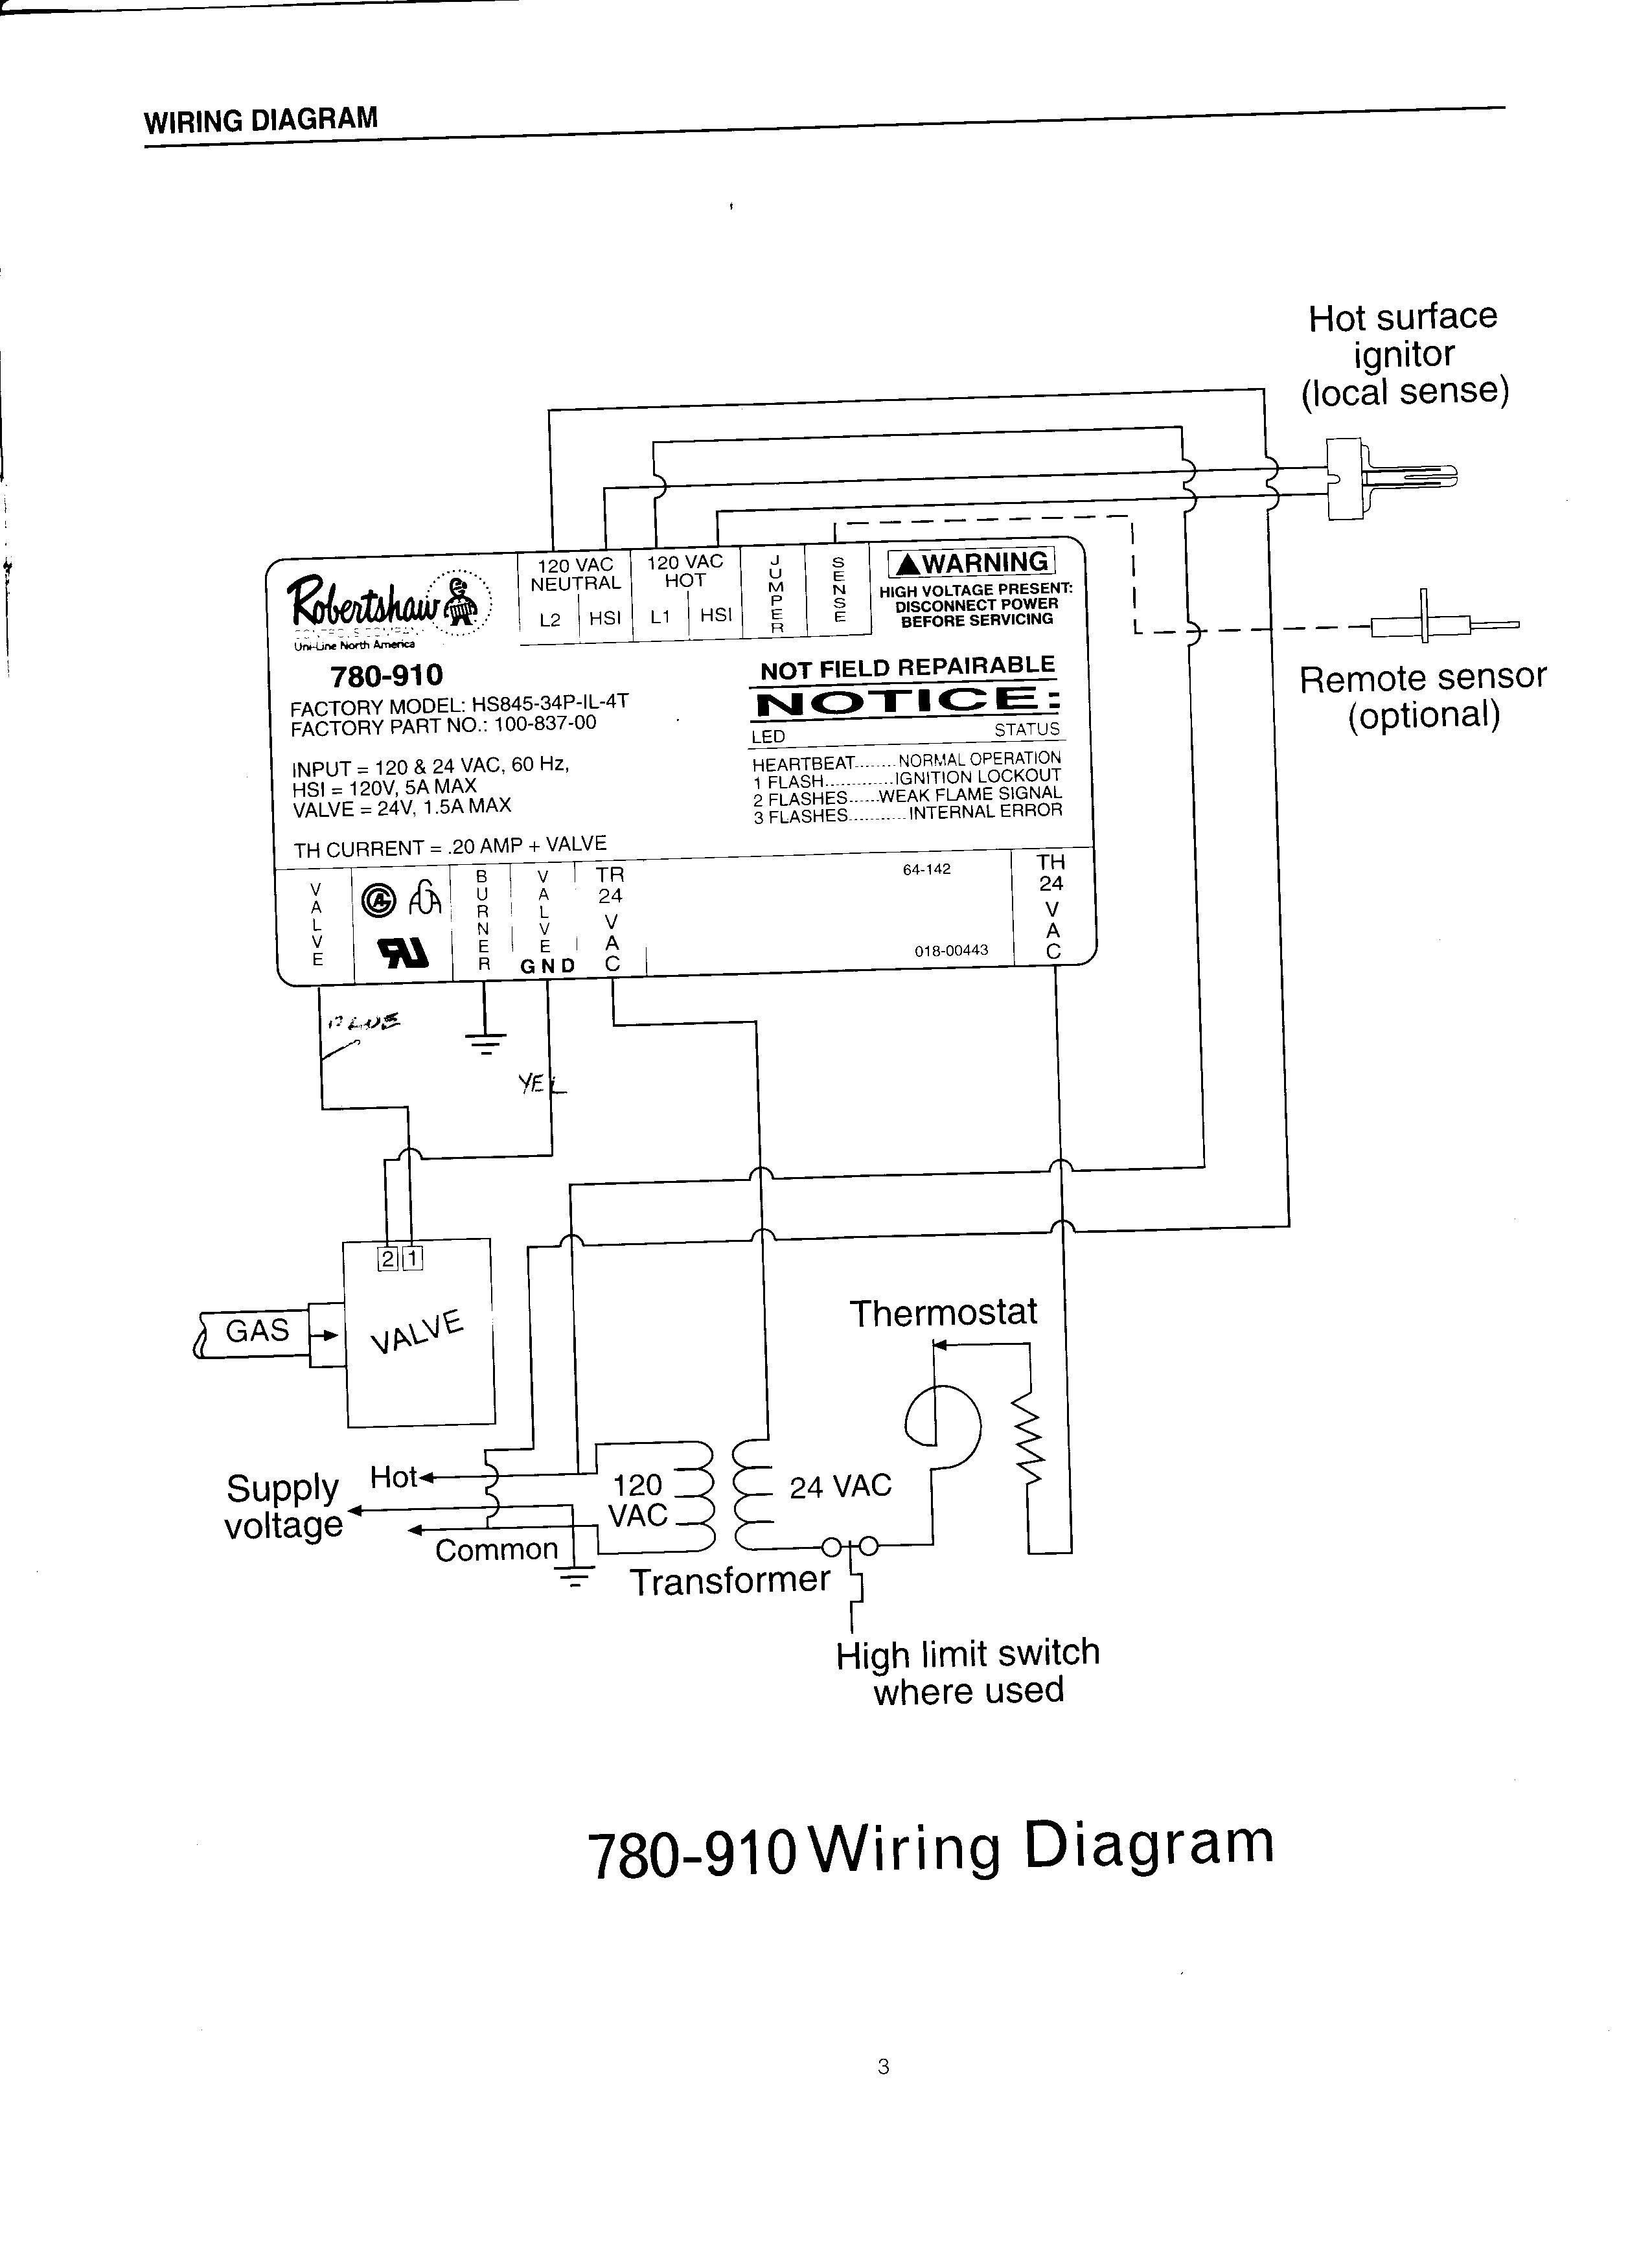 4efte engine wiring diagram 3sgte engine wiring diagram